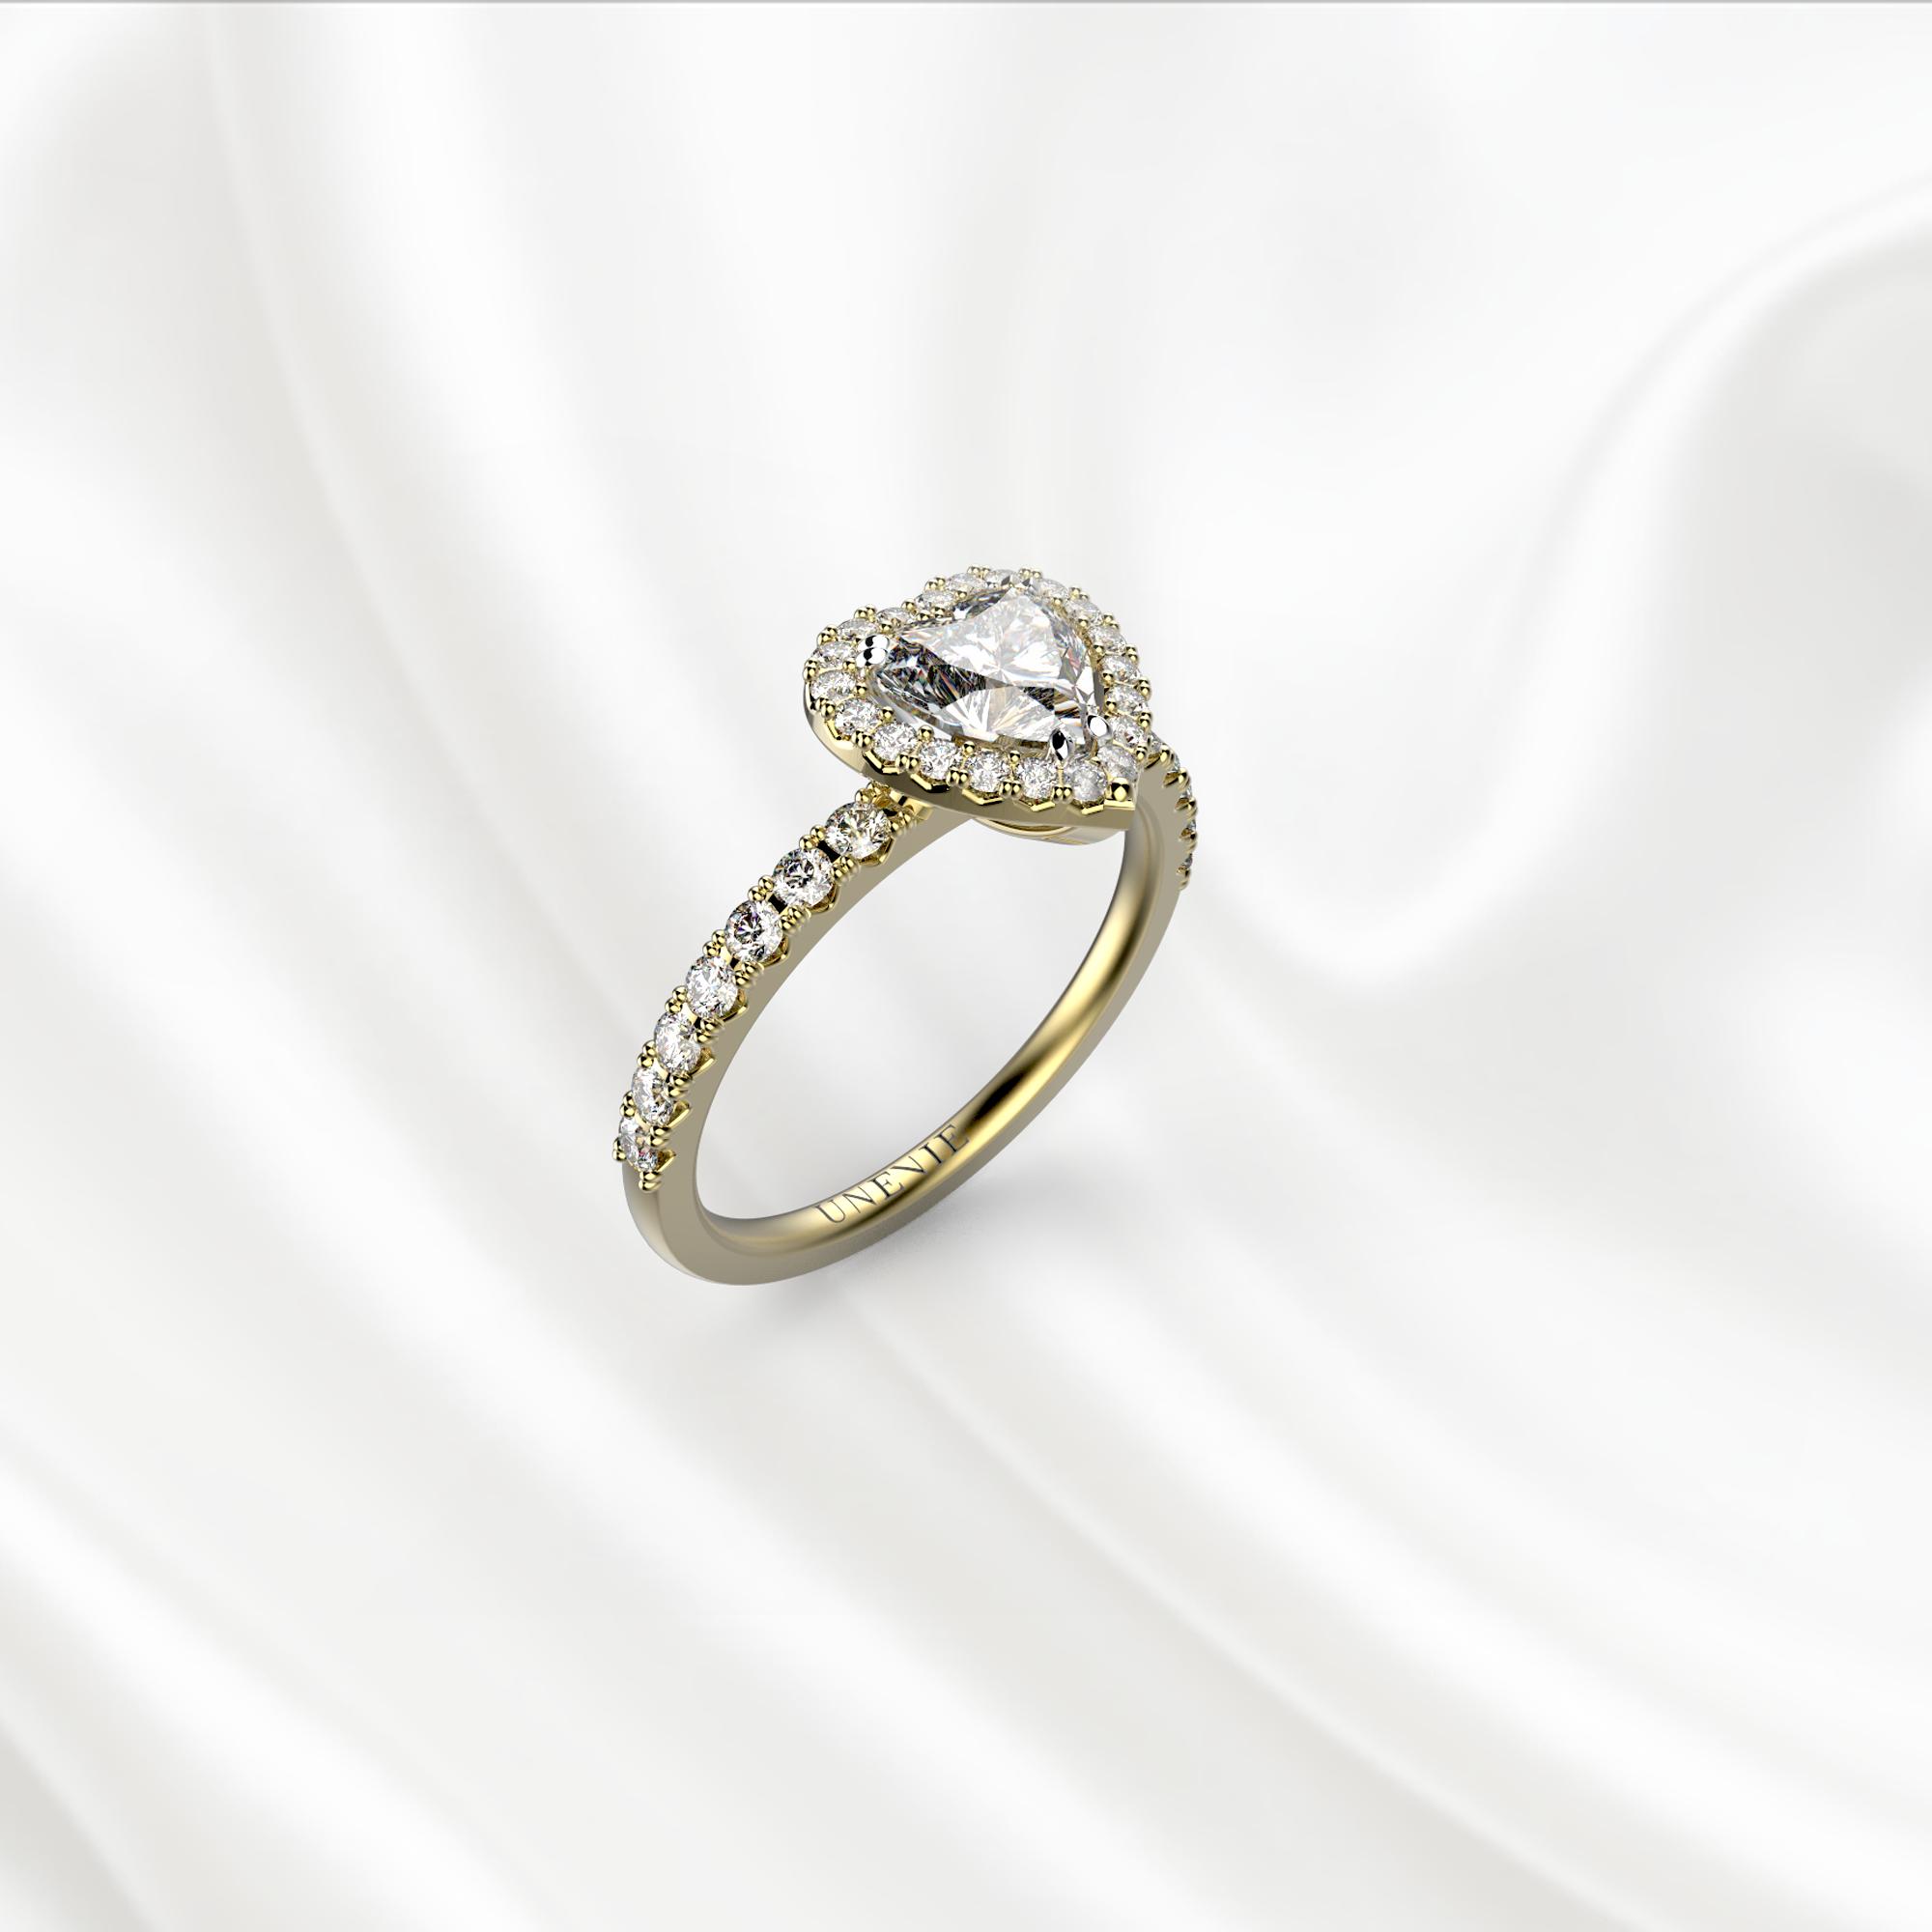 N19 Помолвочное кольцо из желтого золота с бриллиантом 0.35 карат